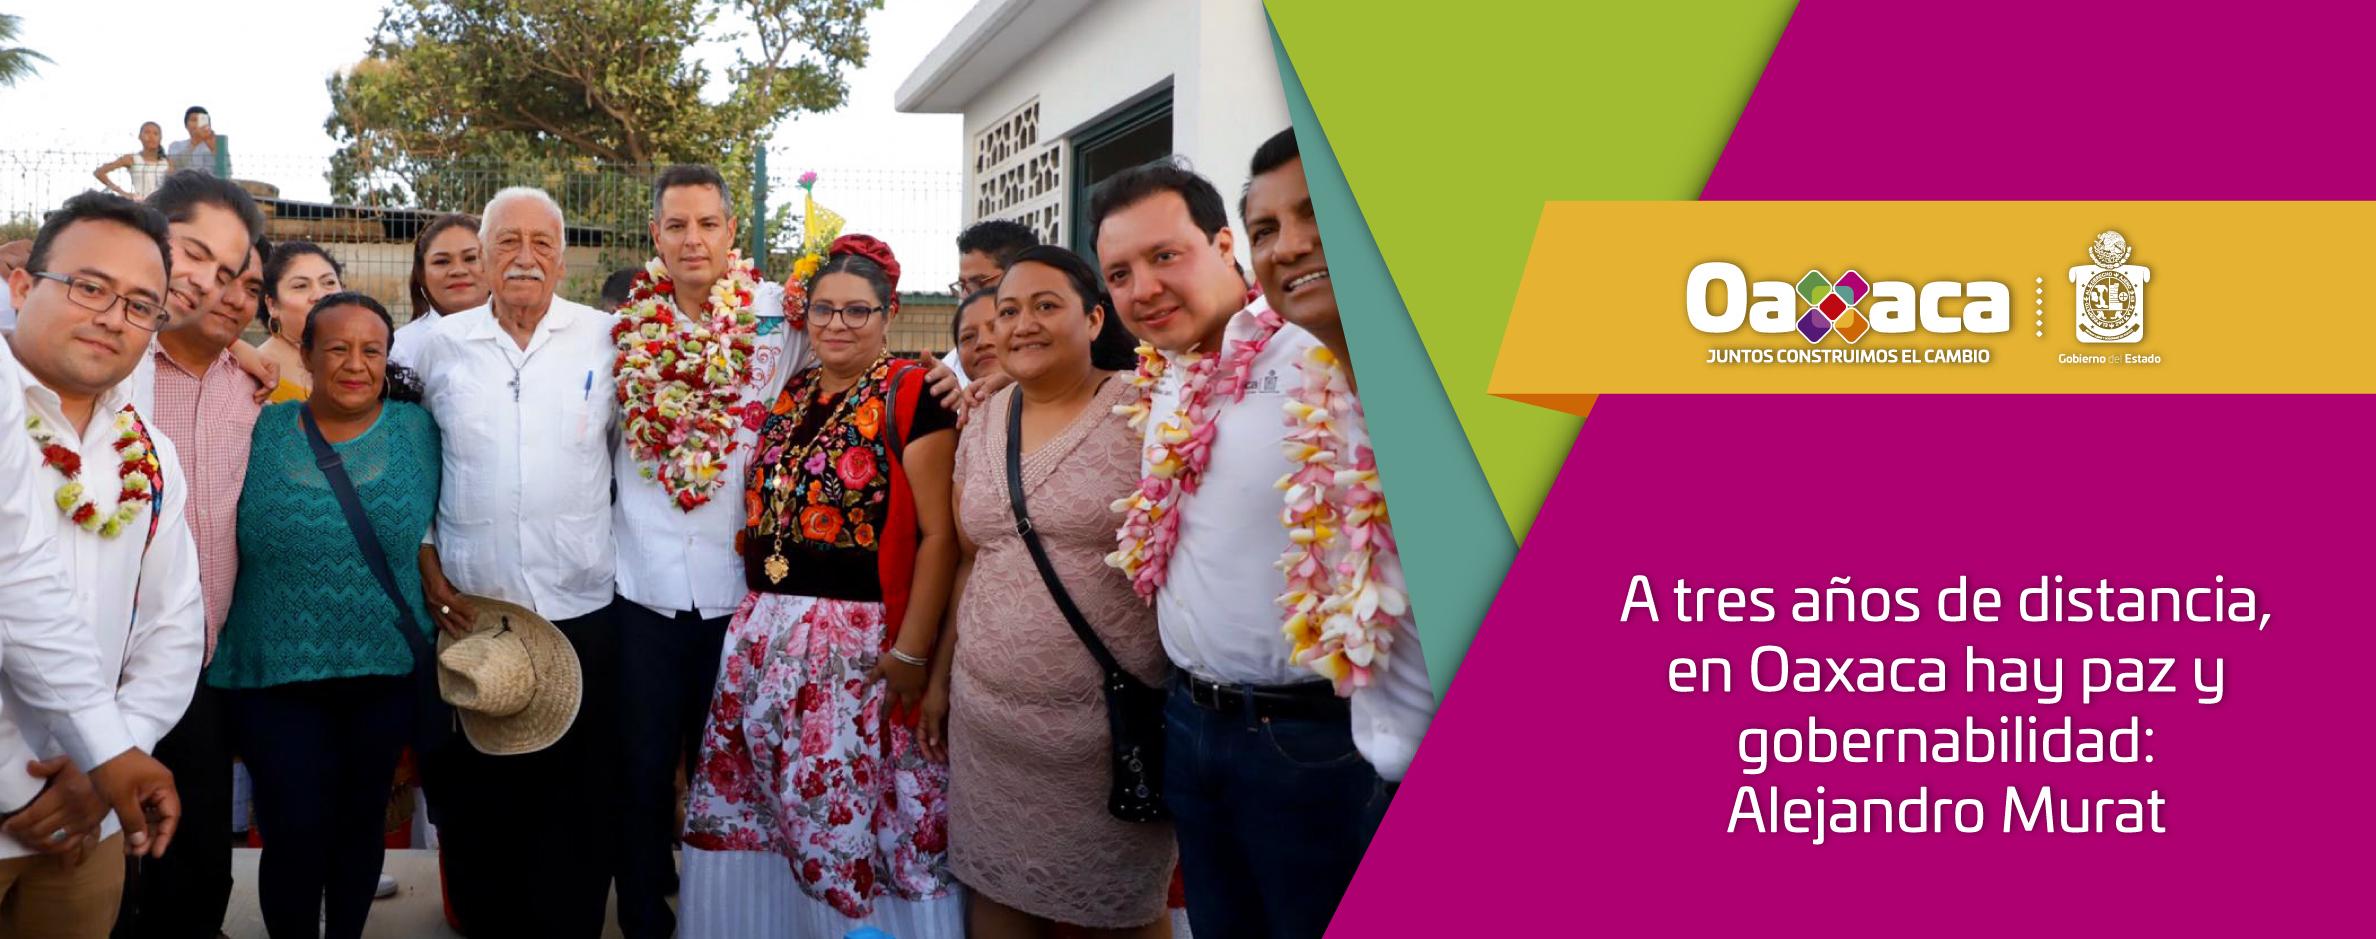 A tres años de distancia, en Oaxaca hay paz y gobernabilidad: Alejandro Murat